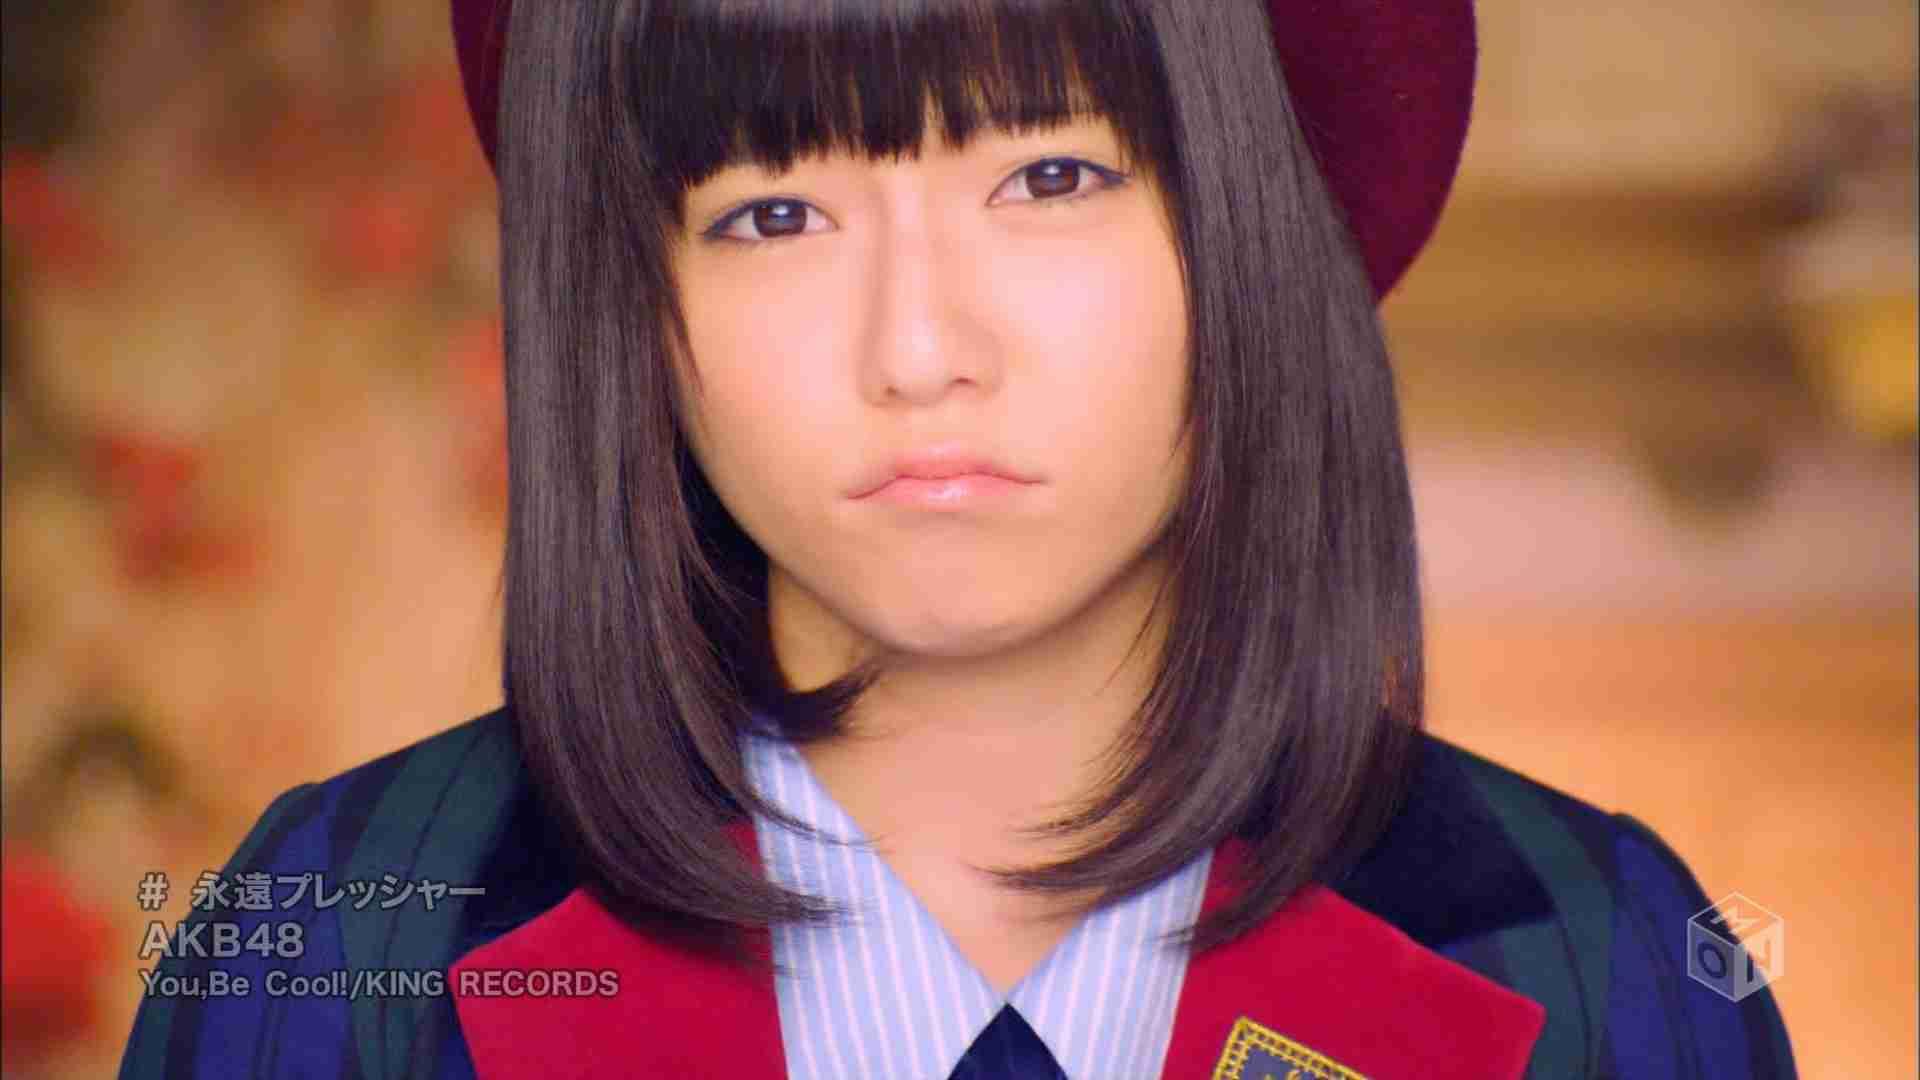 """AKB48島崎遥香、Instagram""""復帰""""に歓喜の声殺到「待ってたよ!」"""